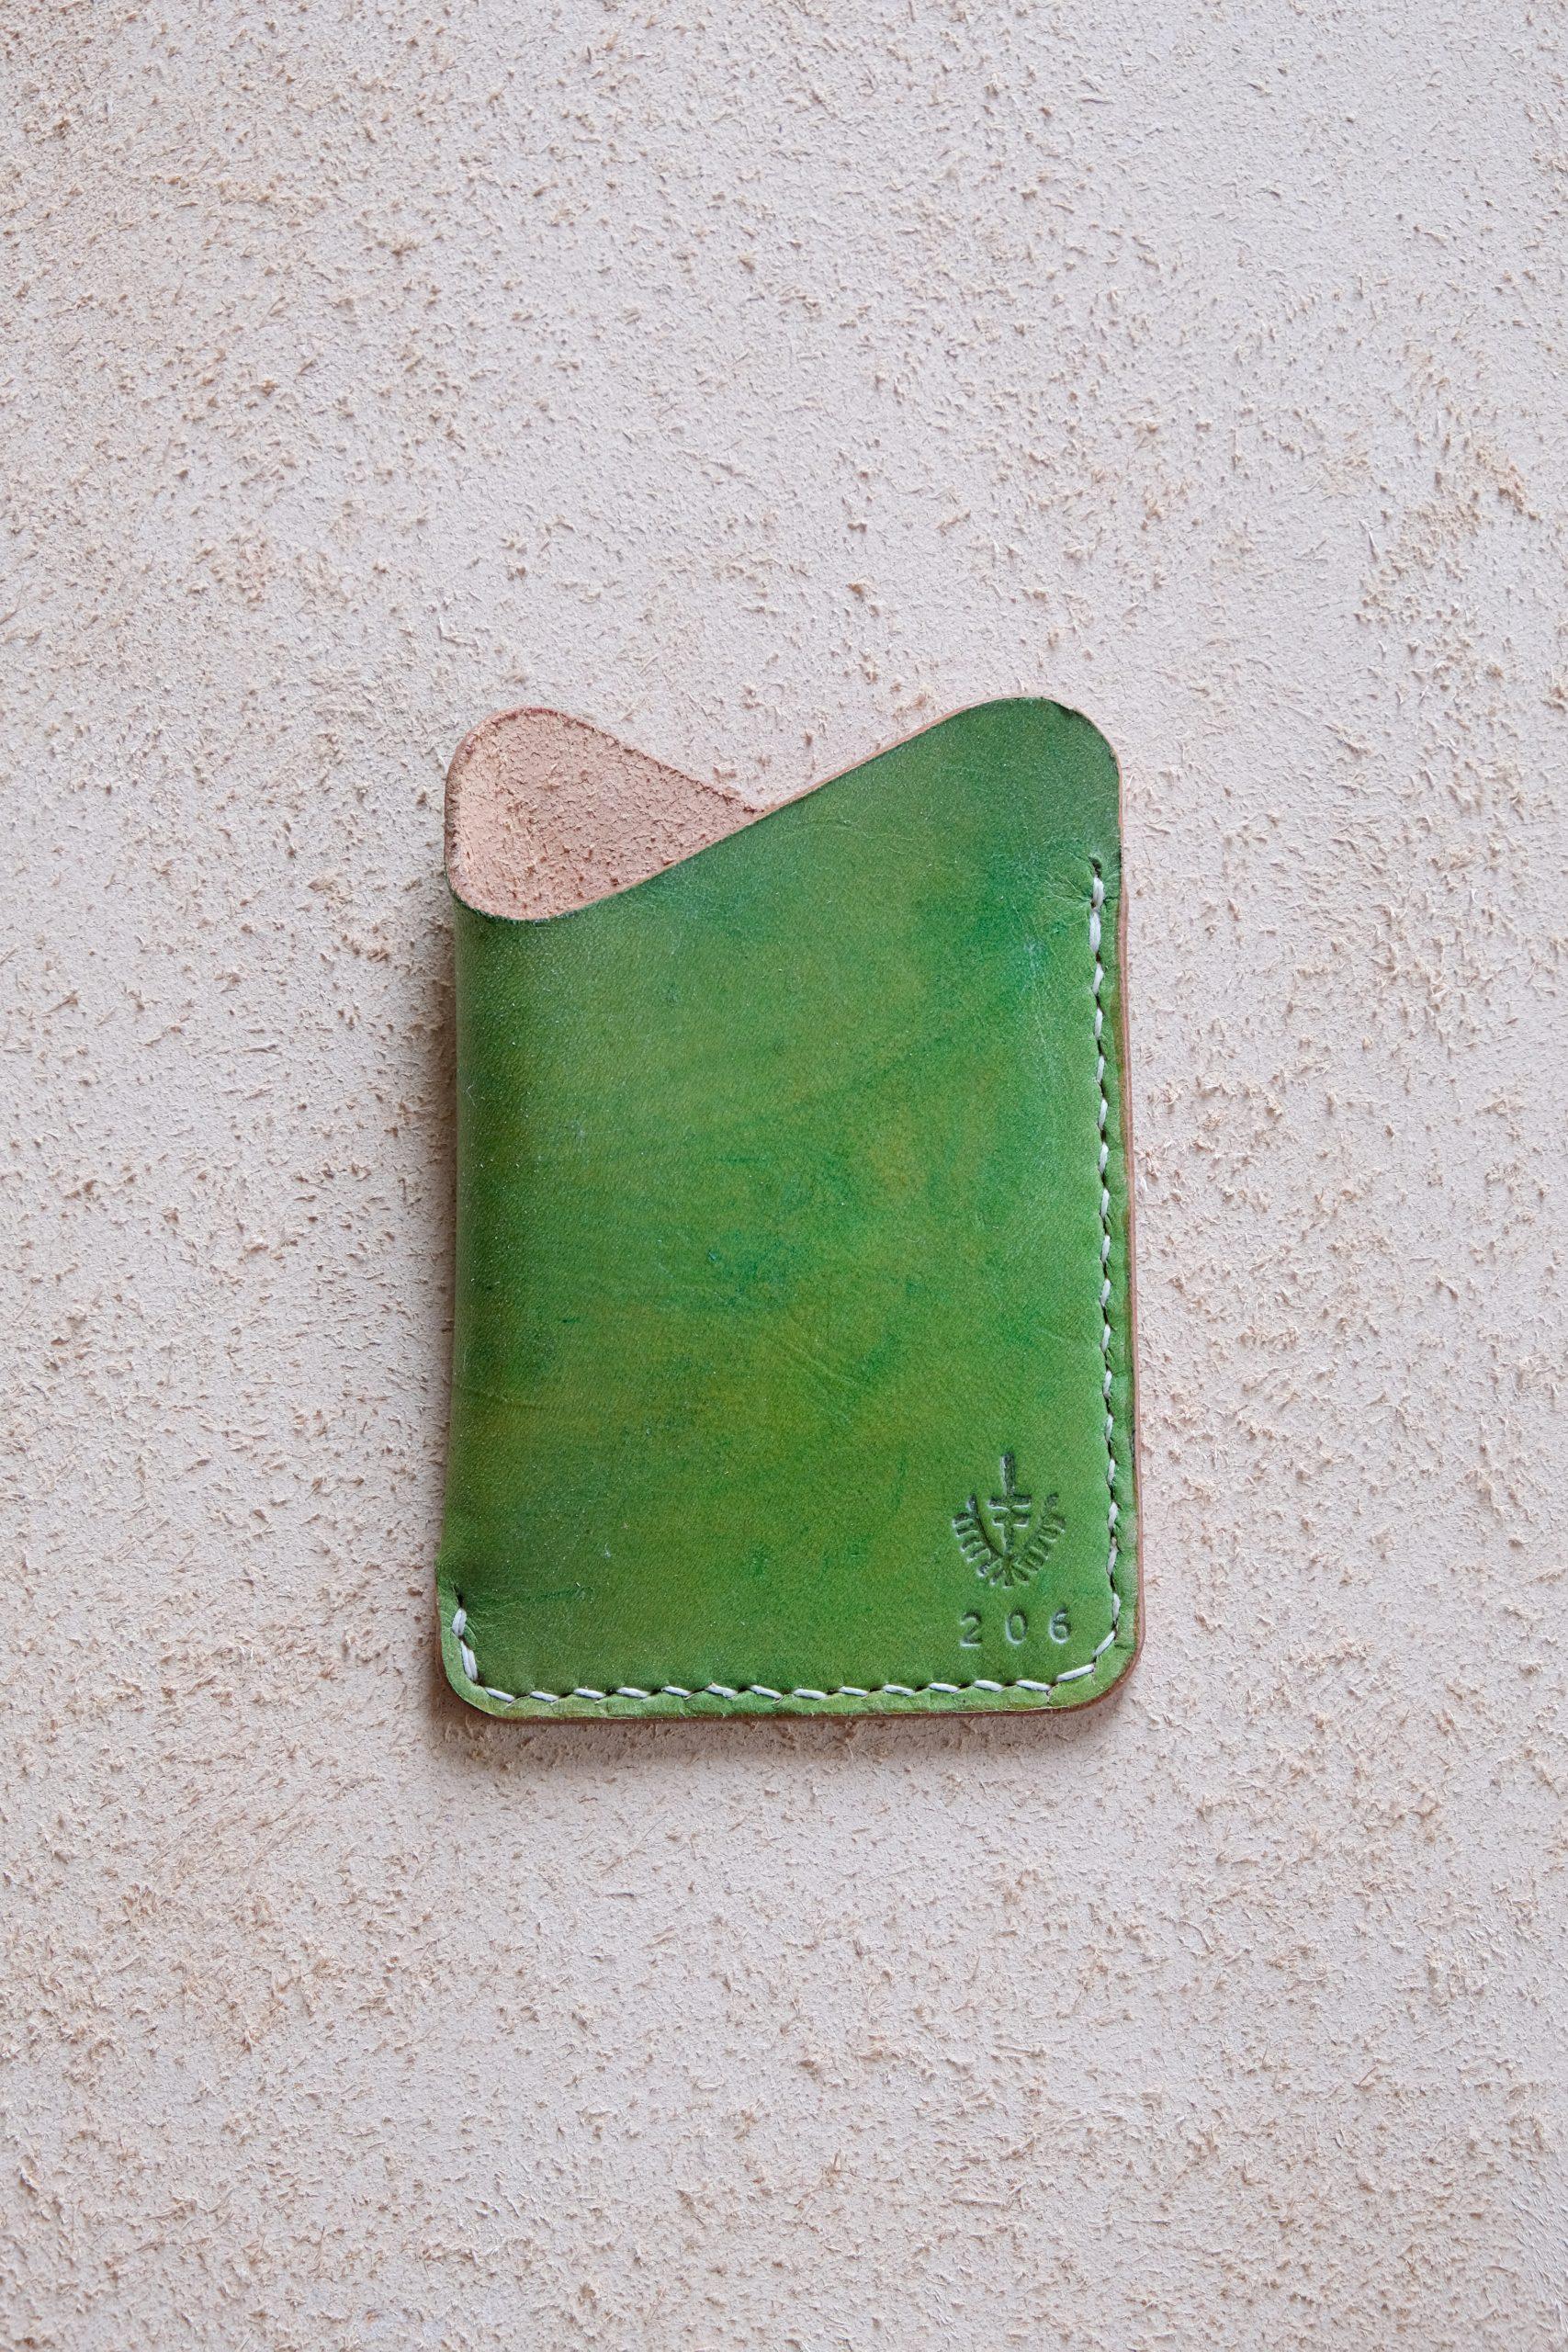 lerif designs leather wave cardholder lemon lime on beige background